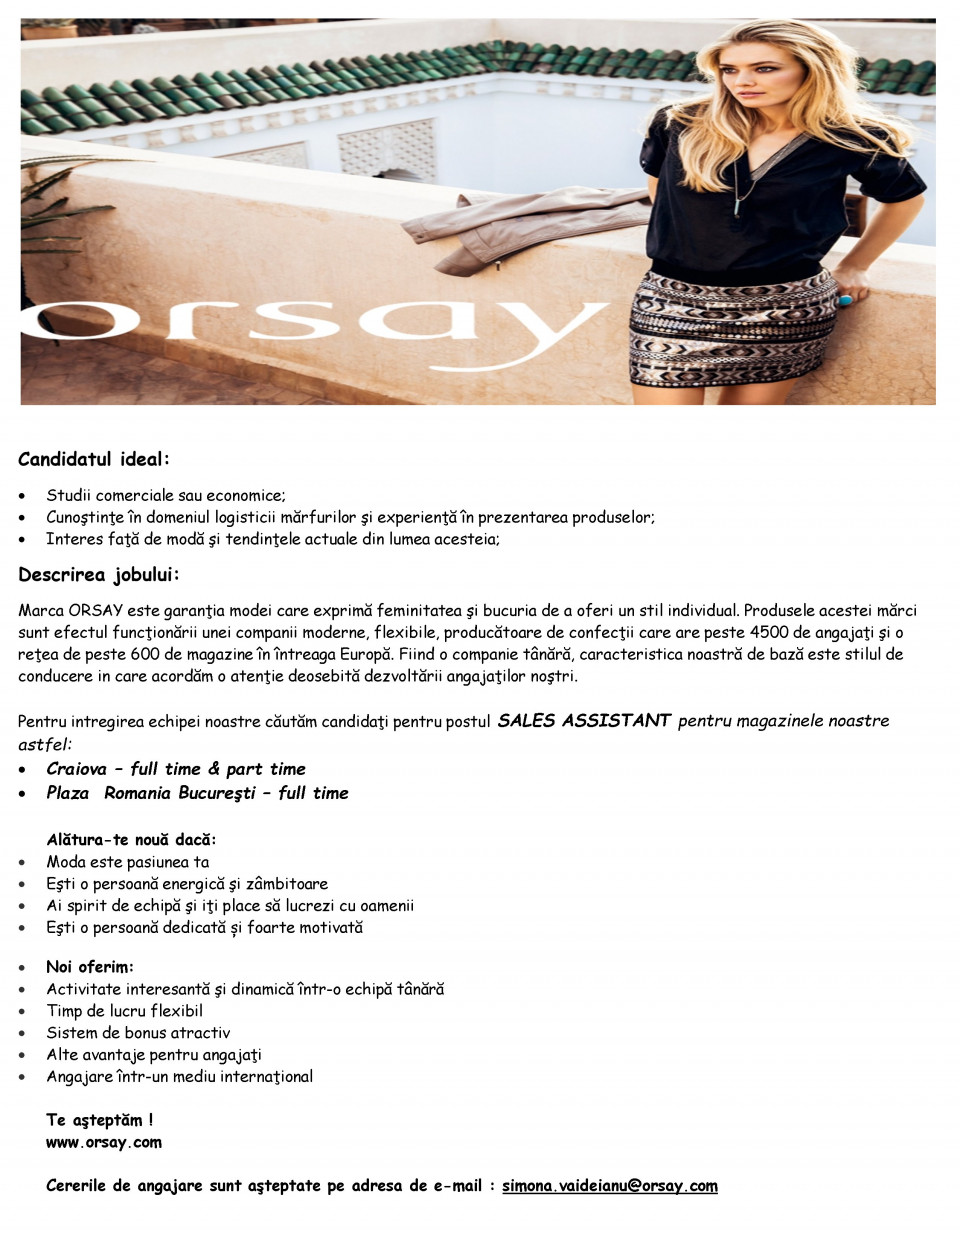 - Studii comerciale sau economice - Cunoştinţe în domeniul logisticii mărfurilor şi experienţă în prezentarea produselor - Interes faţă de modă şi tendinţele actuale din lumea acesteia - Construirea şi dezvoltarea relaţiei cu clienţii prin optimizarea serviciilor - Consultanţă în domeniul creării unui stil individual al clientelor noastre - Identificarea cu marca ORSAY şi promovarea acesteia Marca ORSAY este garanţia modei care exprimă feminitatea şi bucuria de a oferi un stil individual. Produsele acestei mărci sunt efectul funcţionării unei companii moderne, flexibile, producătoare de confecţii care are peste 4500 de angajaţi şi o reţea de peste 600 de magazine în întreaga Europă. Fiind o companie tânără, caracteristica noastră de bază este stilul de conducere in care acordăm o atenţie deosebită dezvoltării angajaţilor noştri.  Pentru intregirea echipei noastre căutăm candidaţi pentru magazinul din ARAD ATRIUM pentru postul SALES ASSISTANT.   Alătura-te nouă dacă: • Moda este pasiunea ta • Eşti o persoană energică şi zâmbitoare • Ai spirit de echipă şi iţi place să lucrezi cu oamenii • Eşti o persoană dedicată și foarte motivată  Noi oferim: • Activitate interesantă şi dinamică într-o echipă tânără • Timp de lucru flexibil • Sistem de bonus atractiv • Alte avantaje pentru angajaţi • Angajare într-un mediu internaţional  Te aşteptăm ! www.orsay.com  Cererile de angajare sunt aşteptate pe adresa de e-mail : ermina.giubega@orsay.com